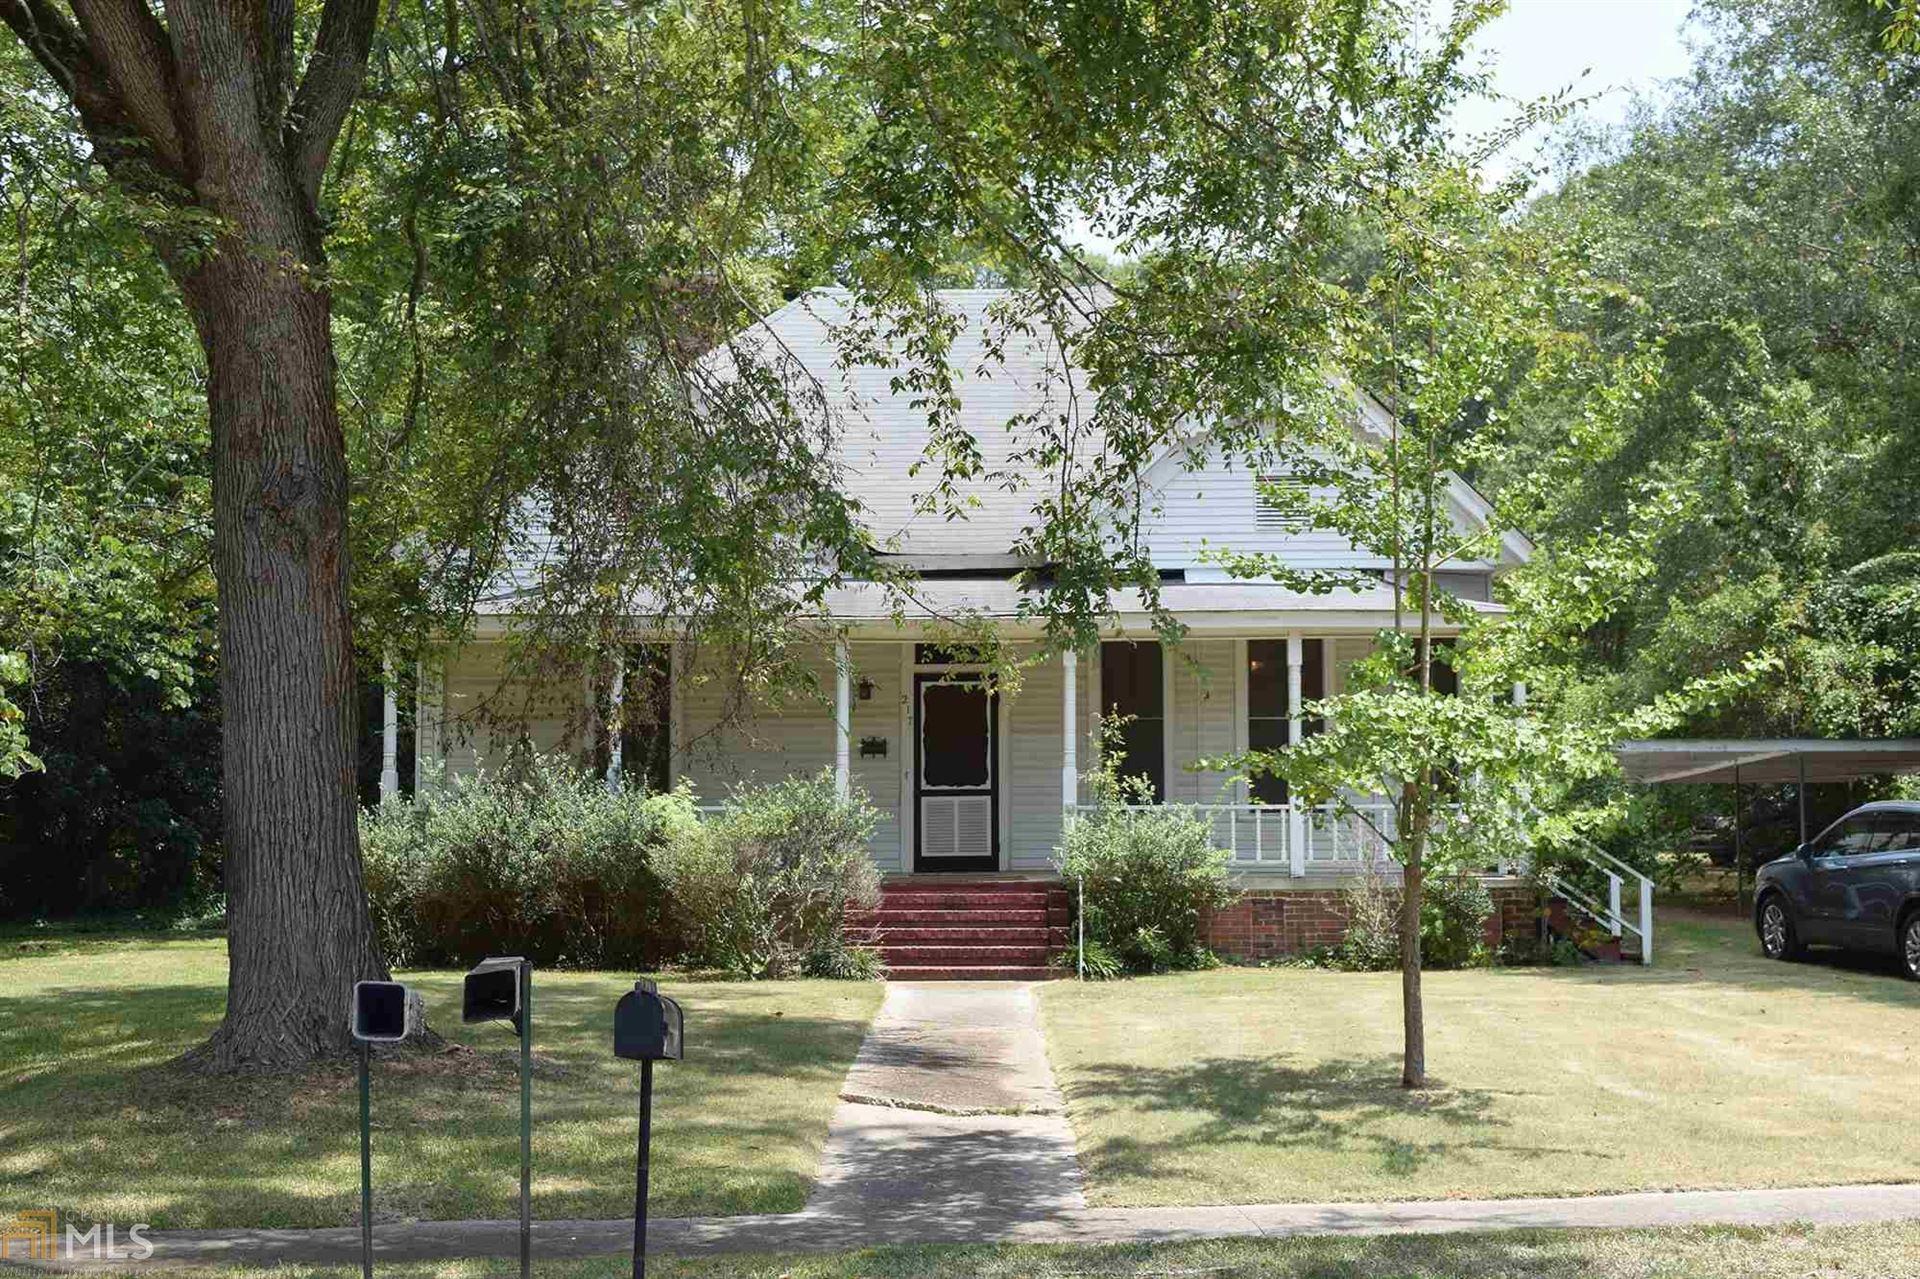 217 Johnson St, Hogansville, GA 30230 - #: 8836716